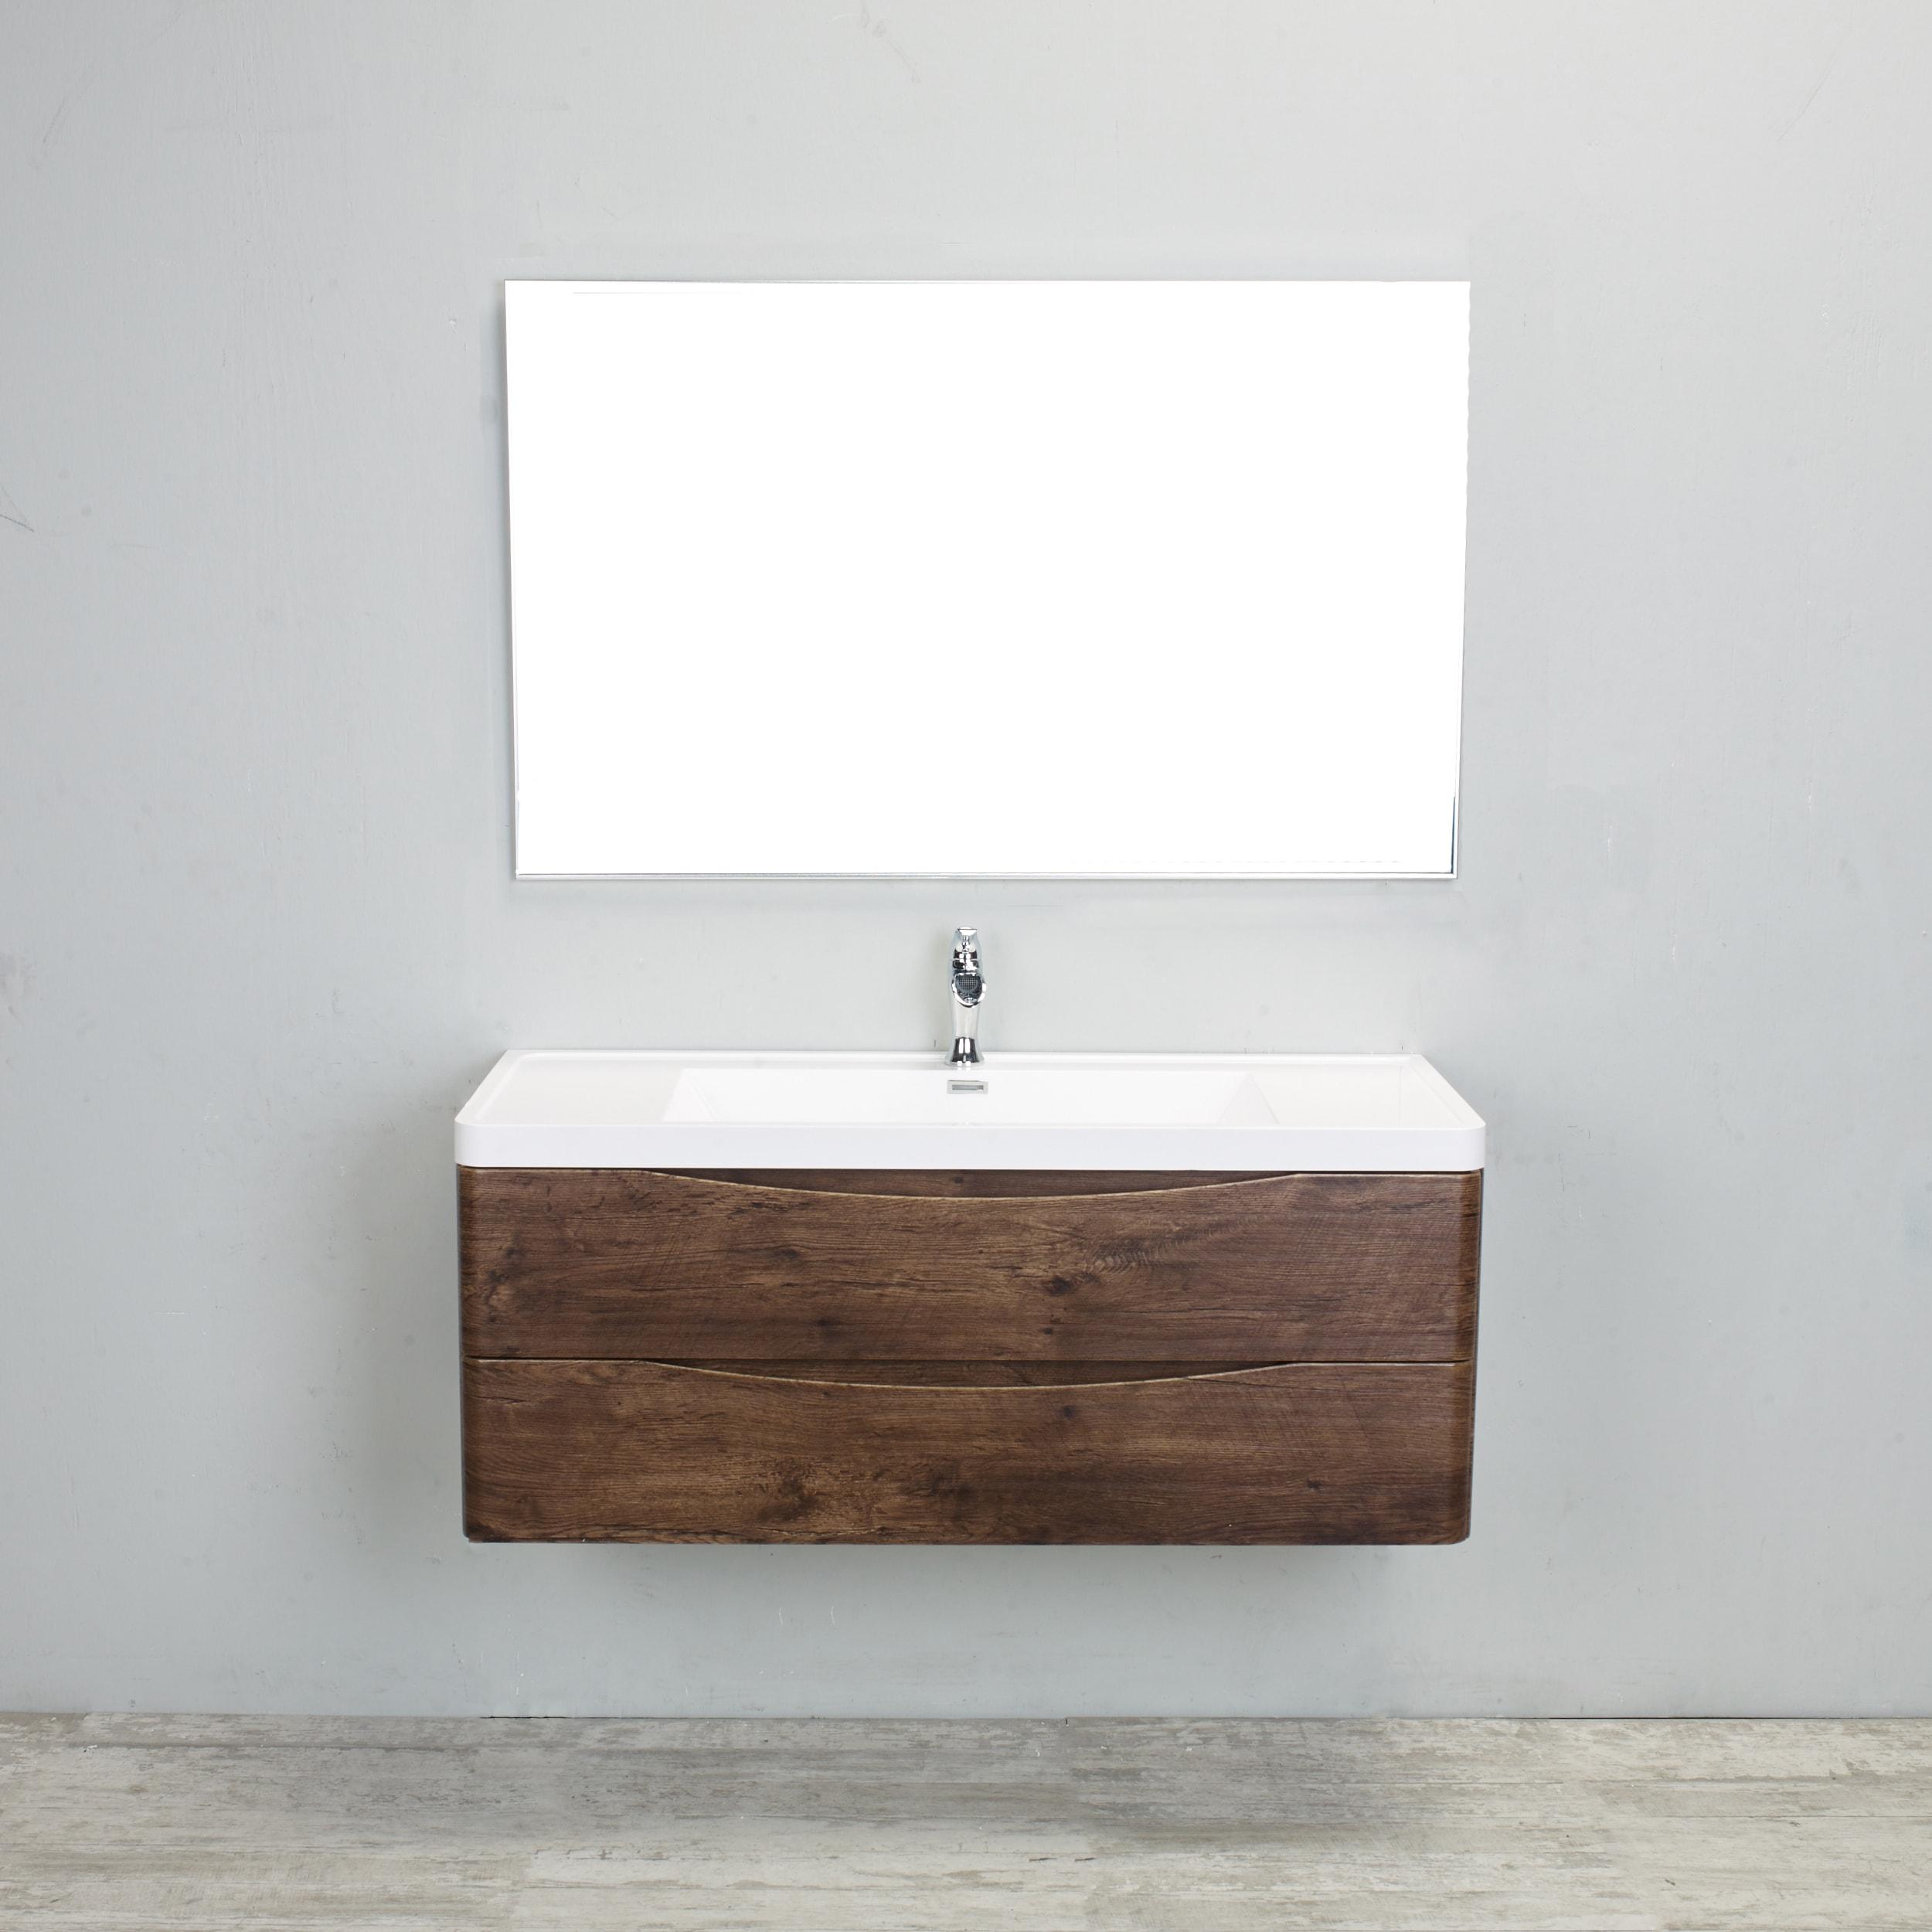 Buy Floating Bathroom Vanities & Vanity Cabinets Online at Overstock ...